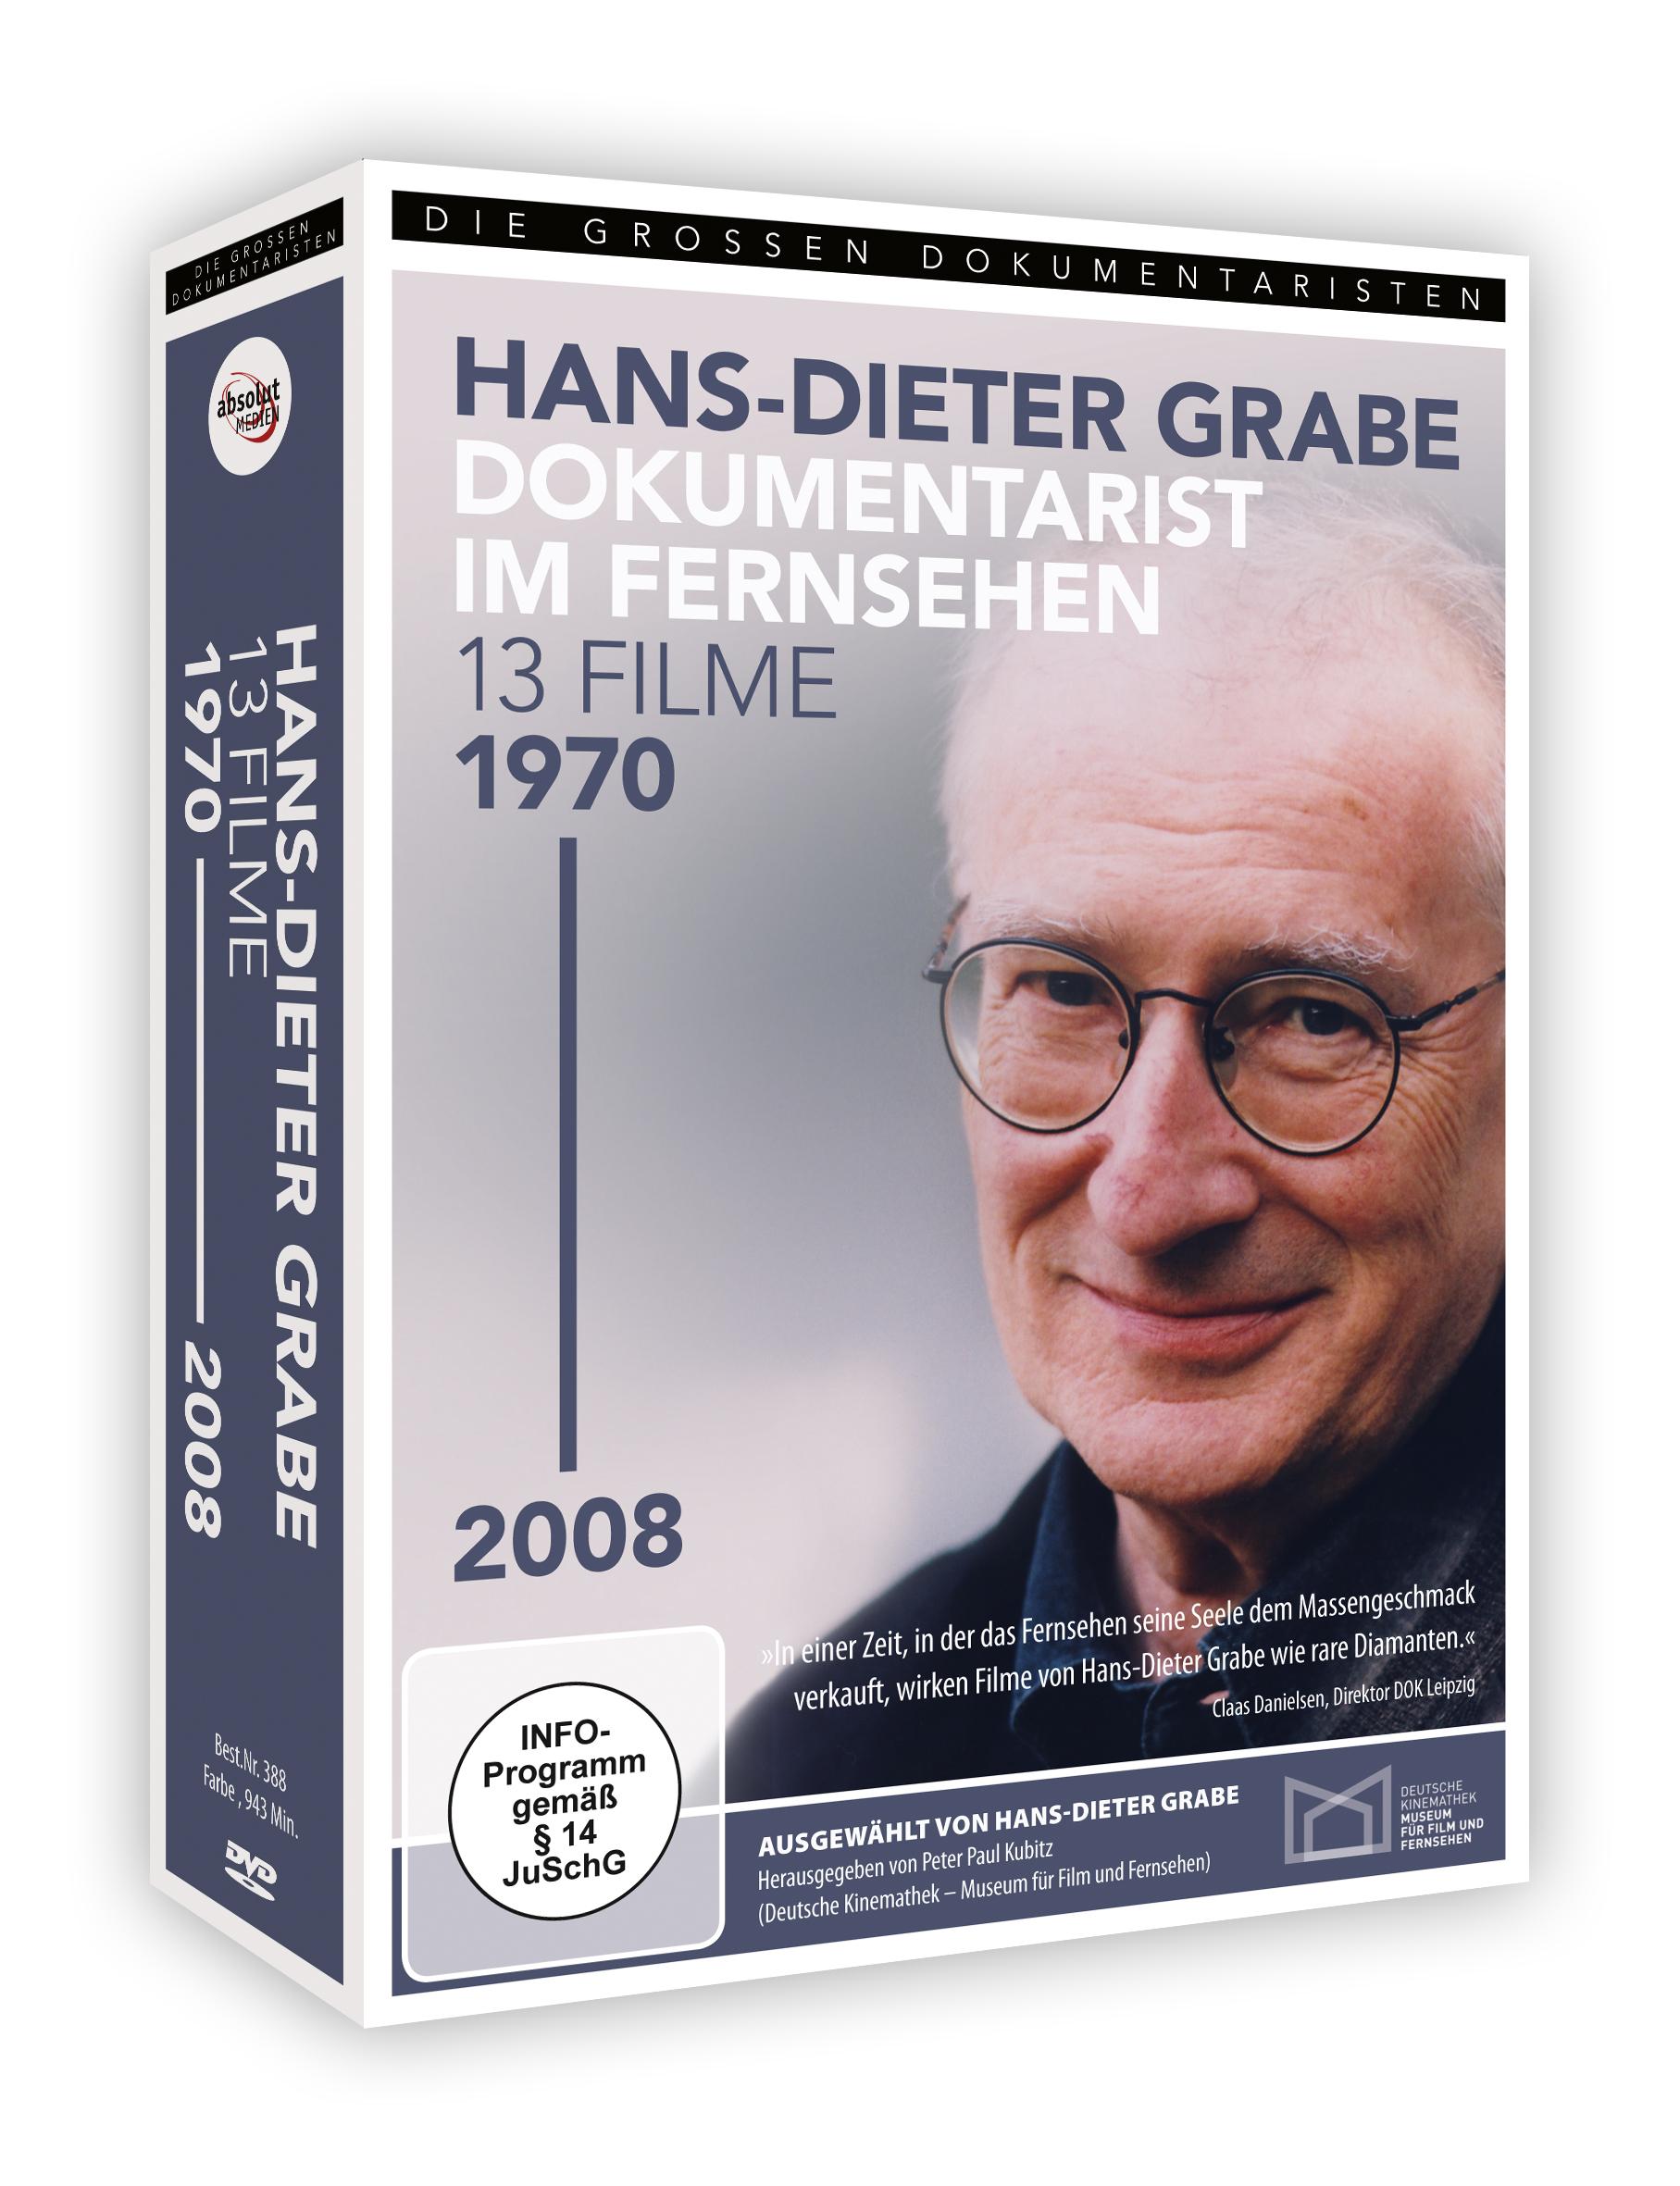 Hans-Dieter Grabe © absolut Medien GmbH